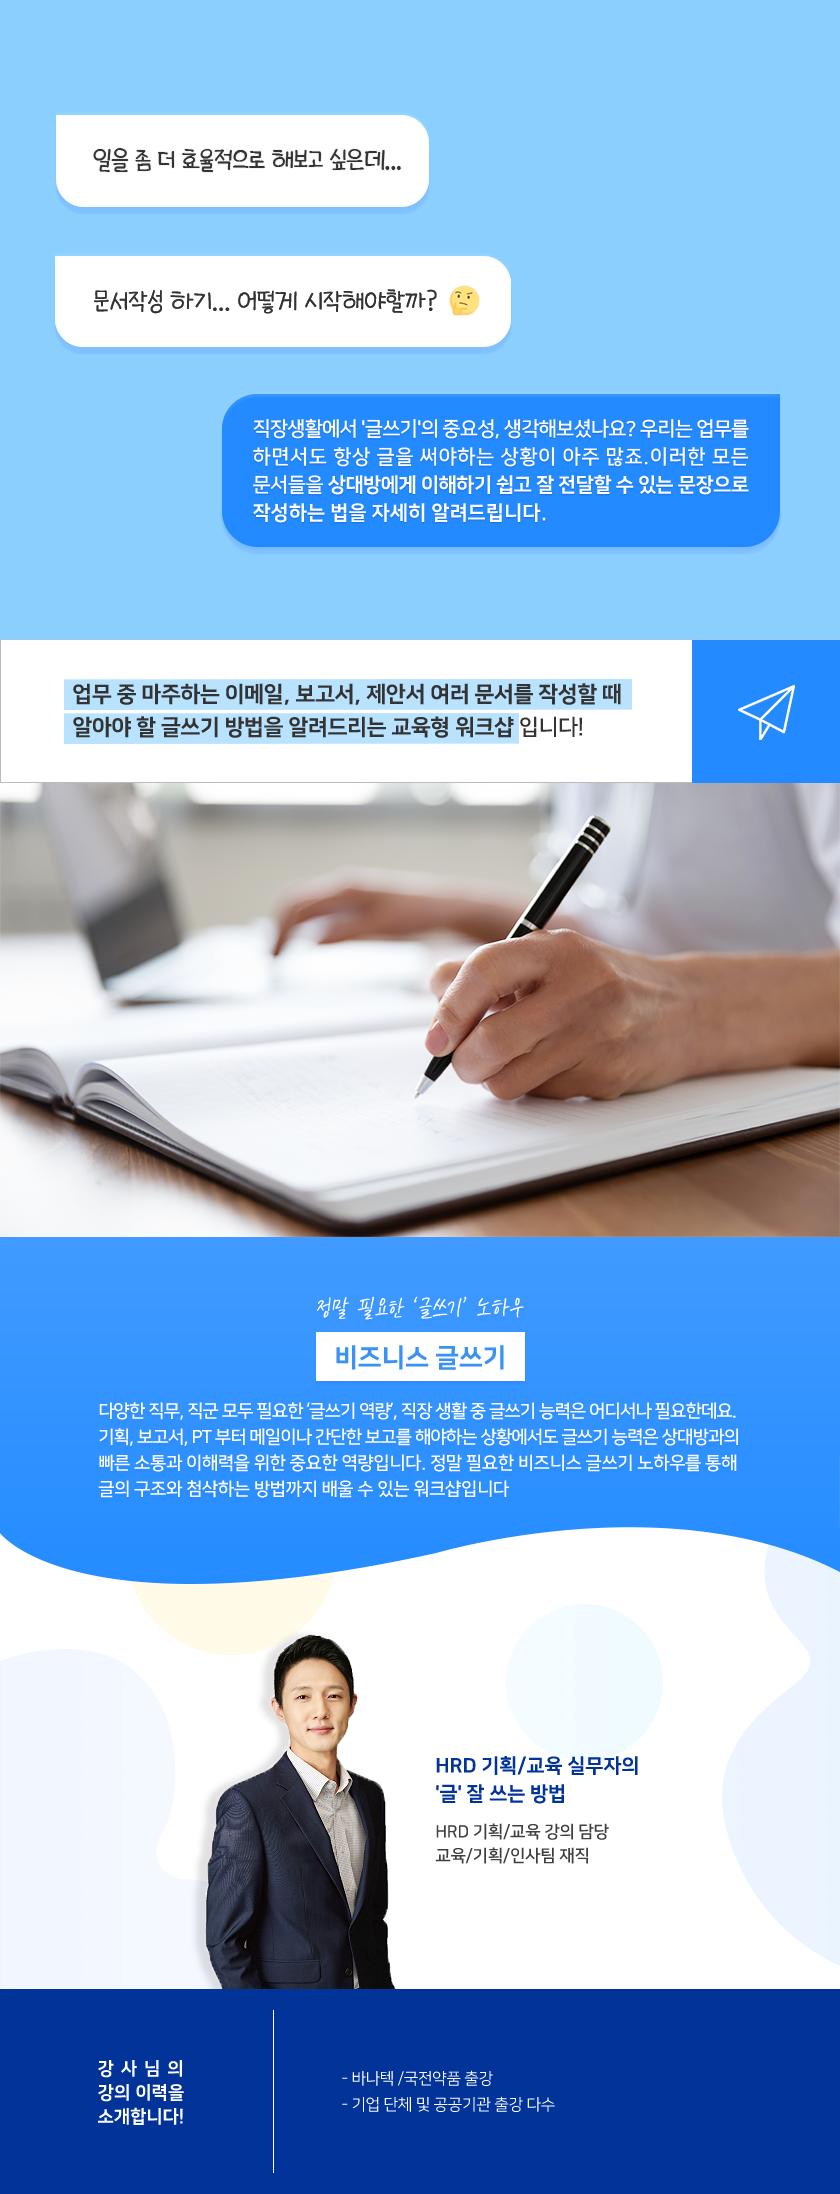 글쓰기 상세소개 | 이너트립